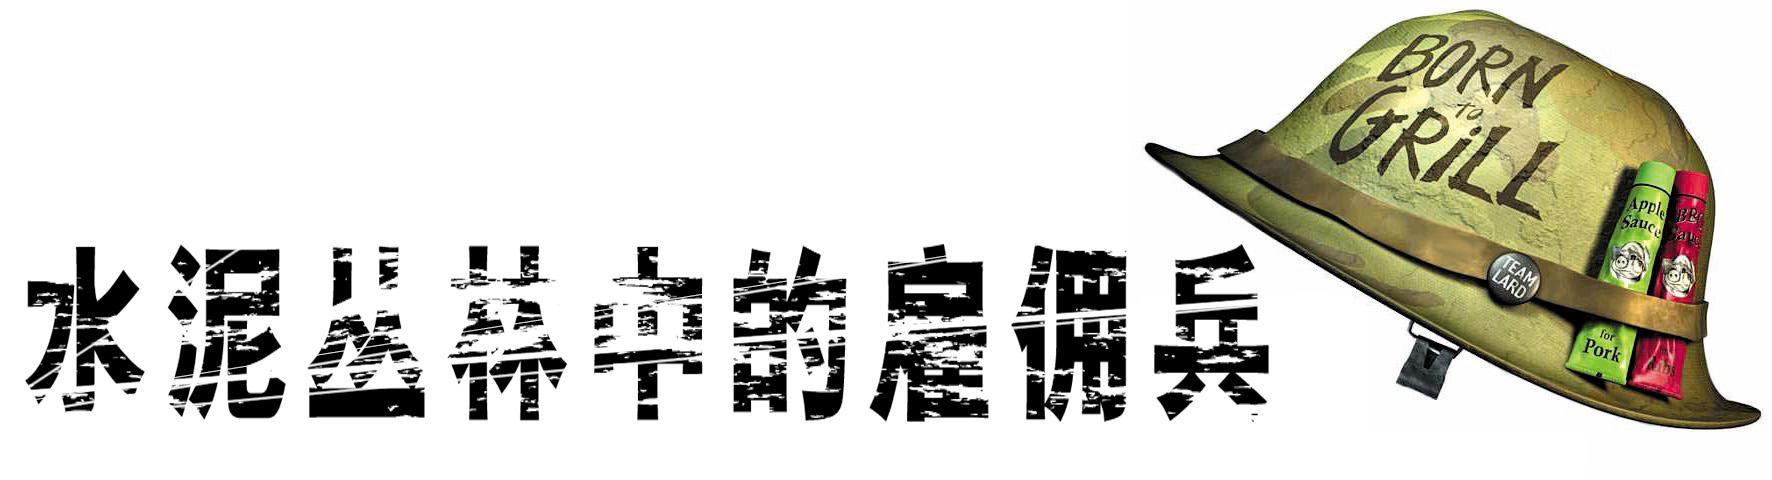 杨石头的屁话真言7-努力的活的象别人,而非活的象自己 - 杨石头 - 杨石头网易分舵